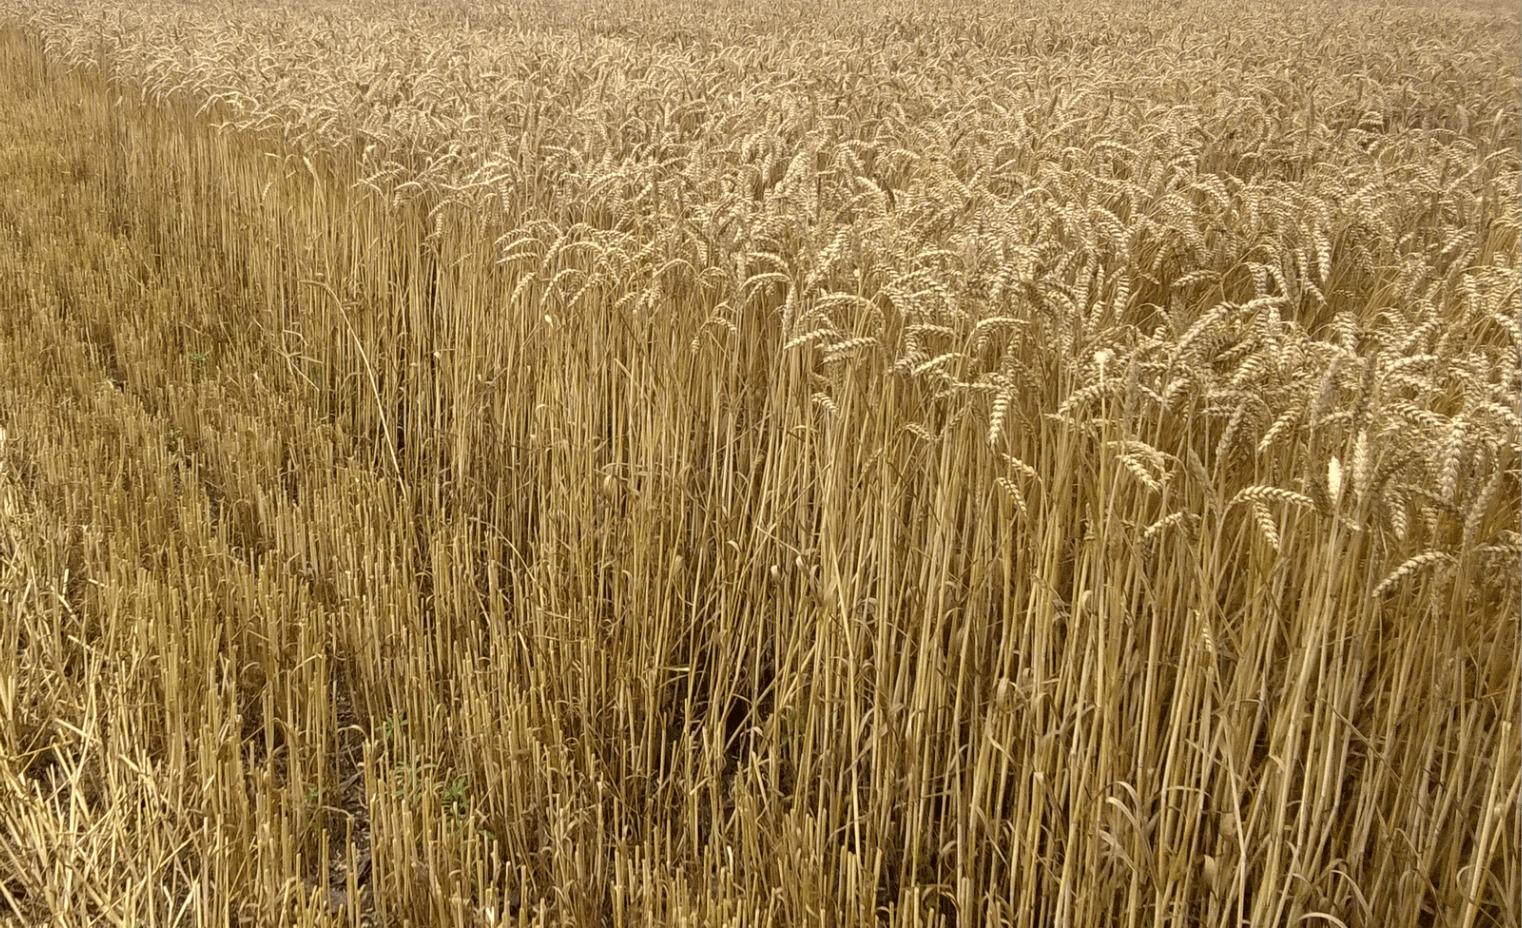 ДЕМЕТРА и МАУ 8462 - български сорта пшеница